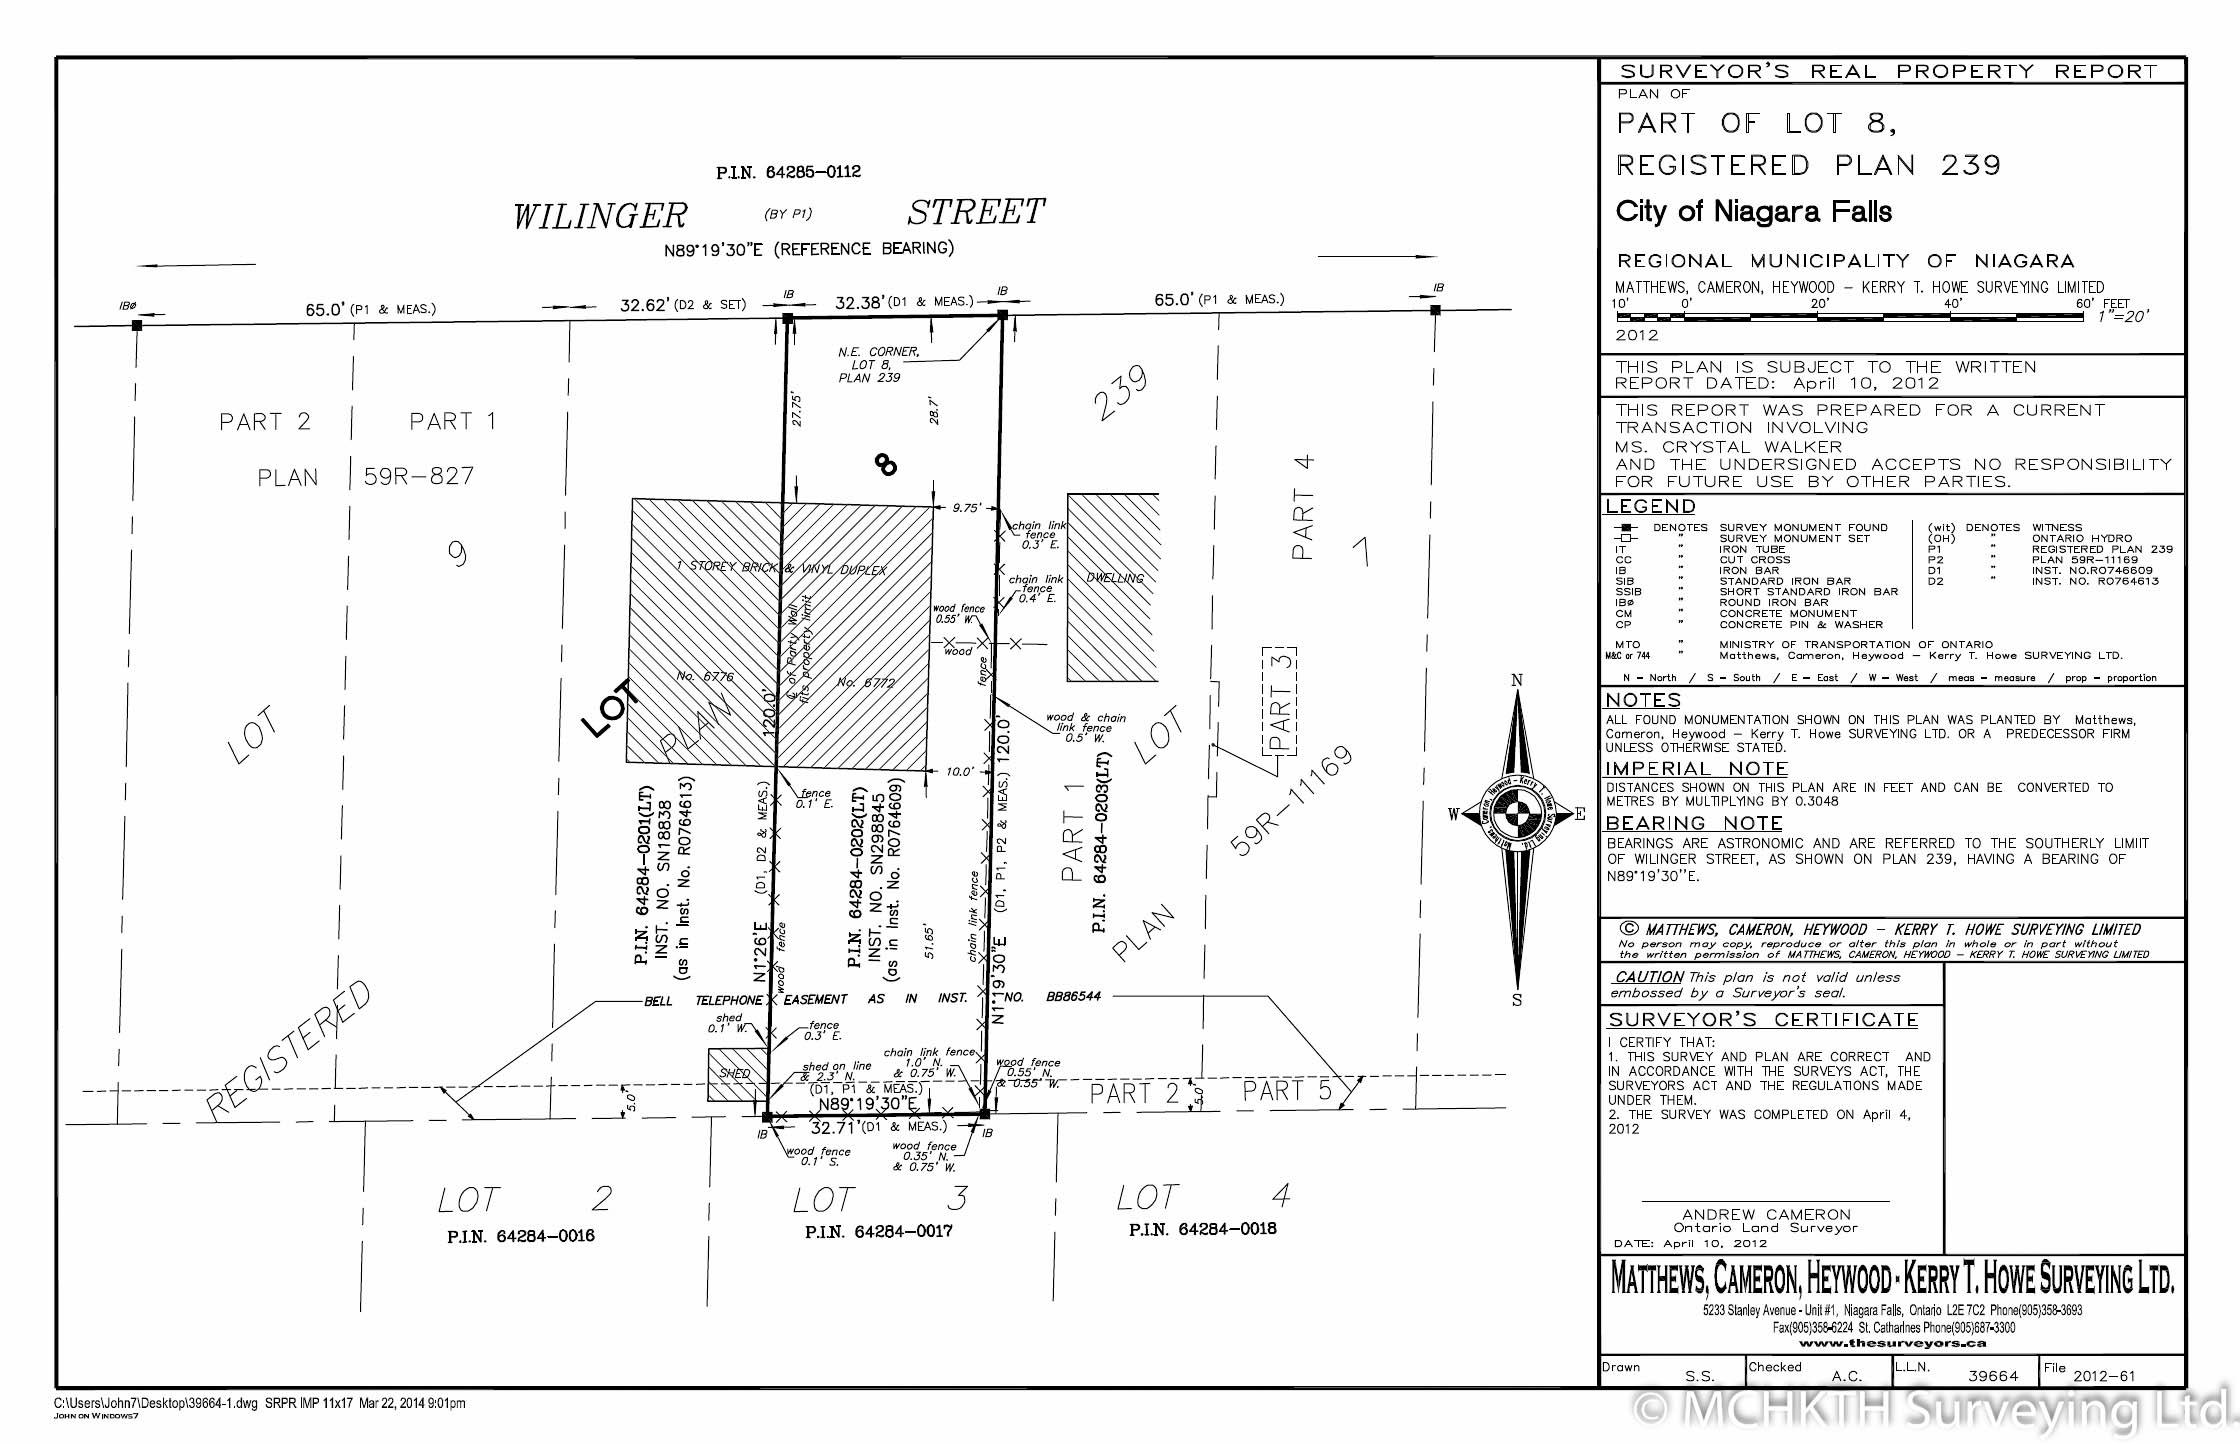 Matthews Cameron Surveyors Surveyor's Real Property Report